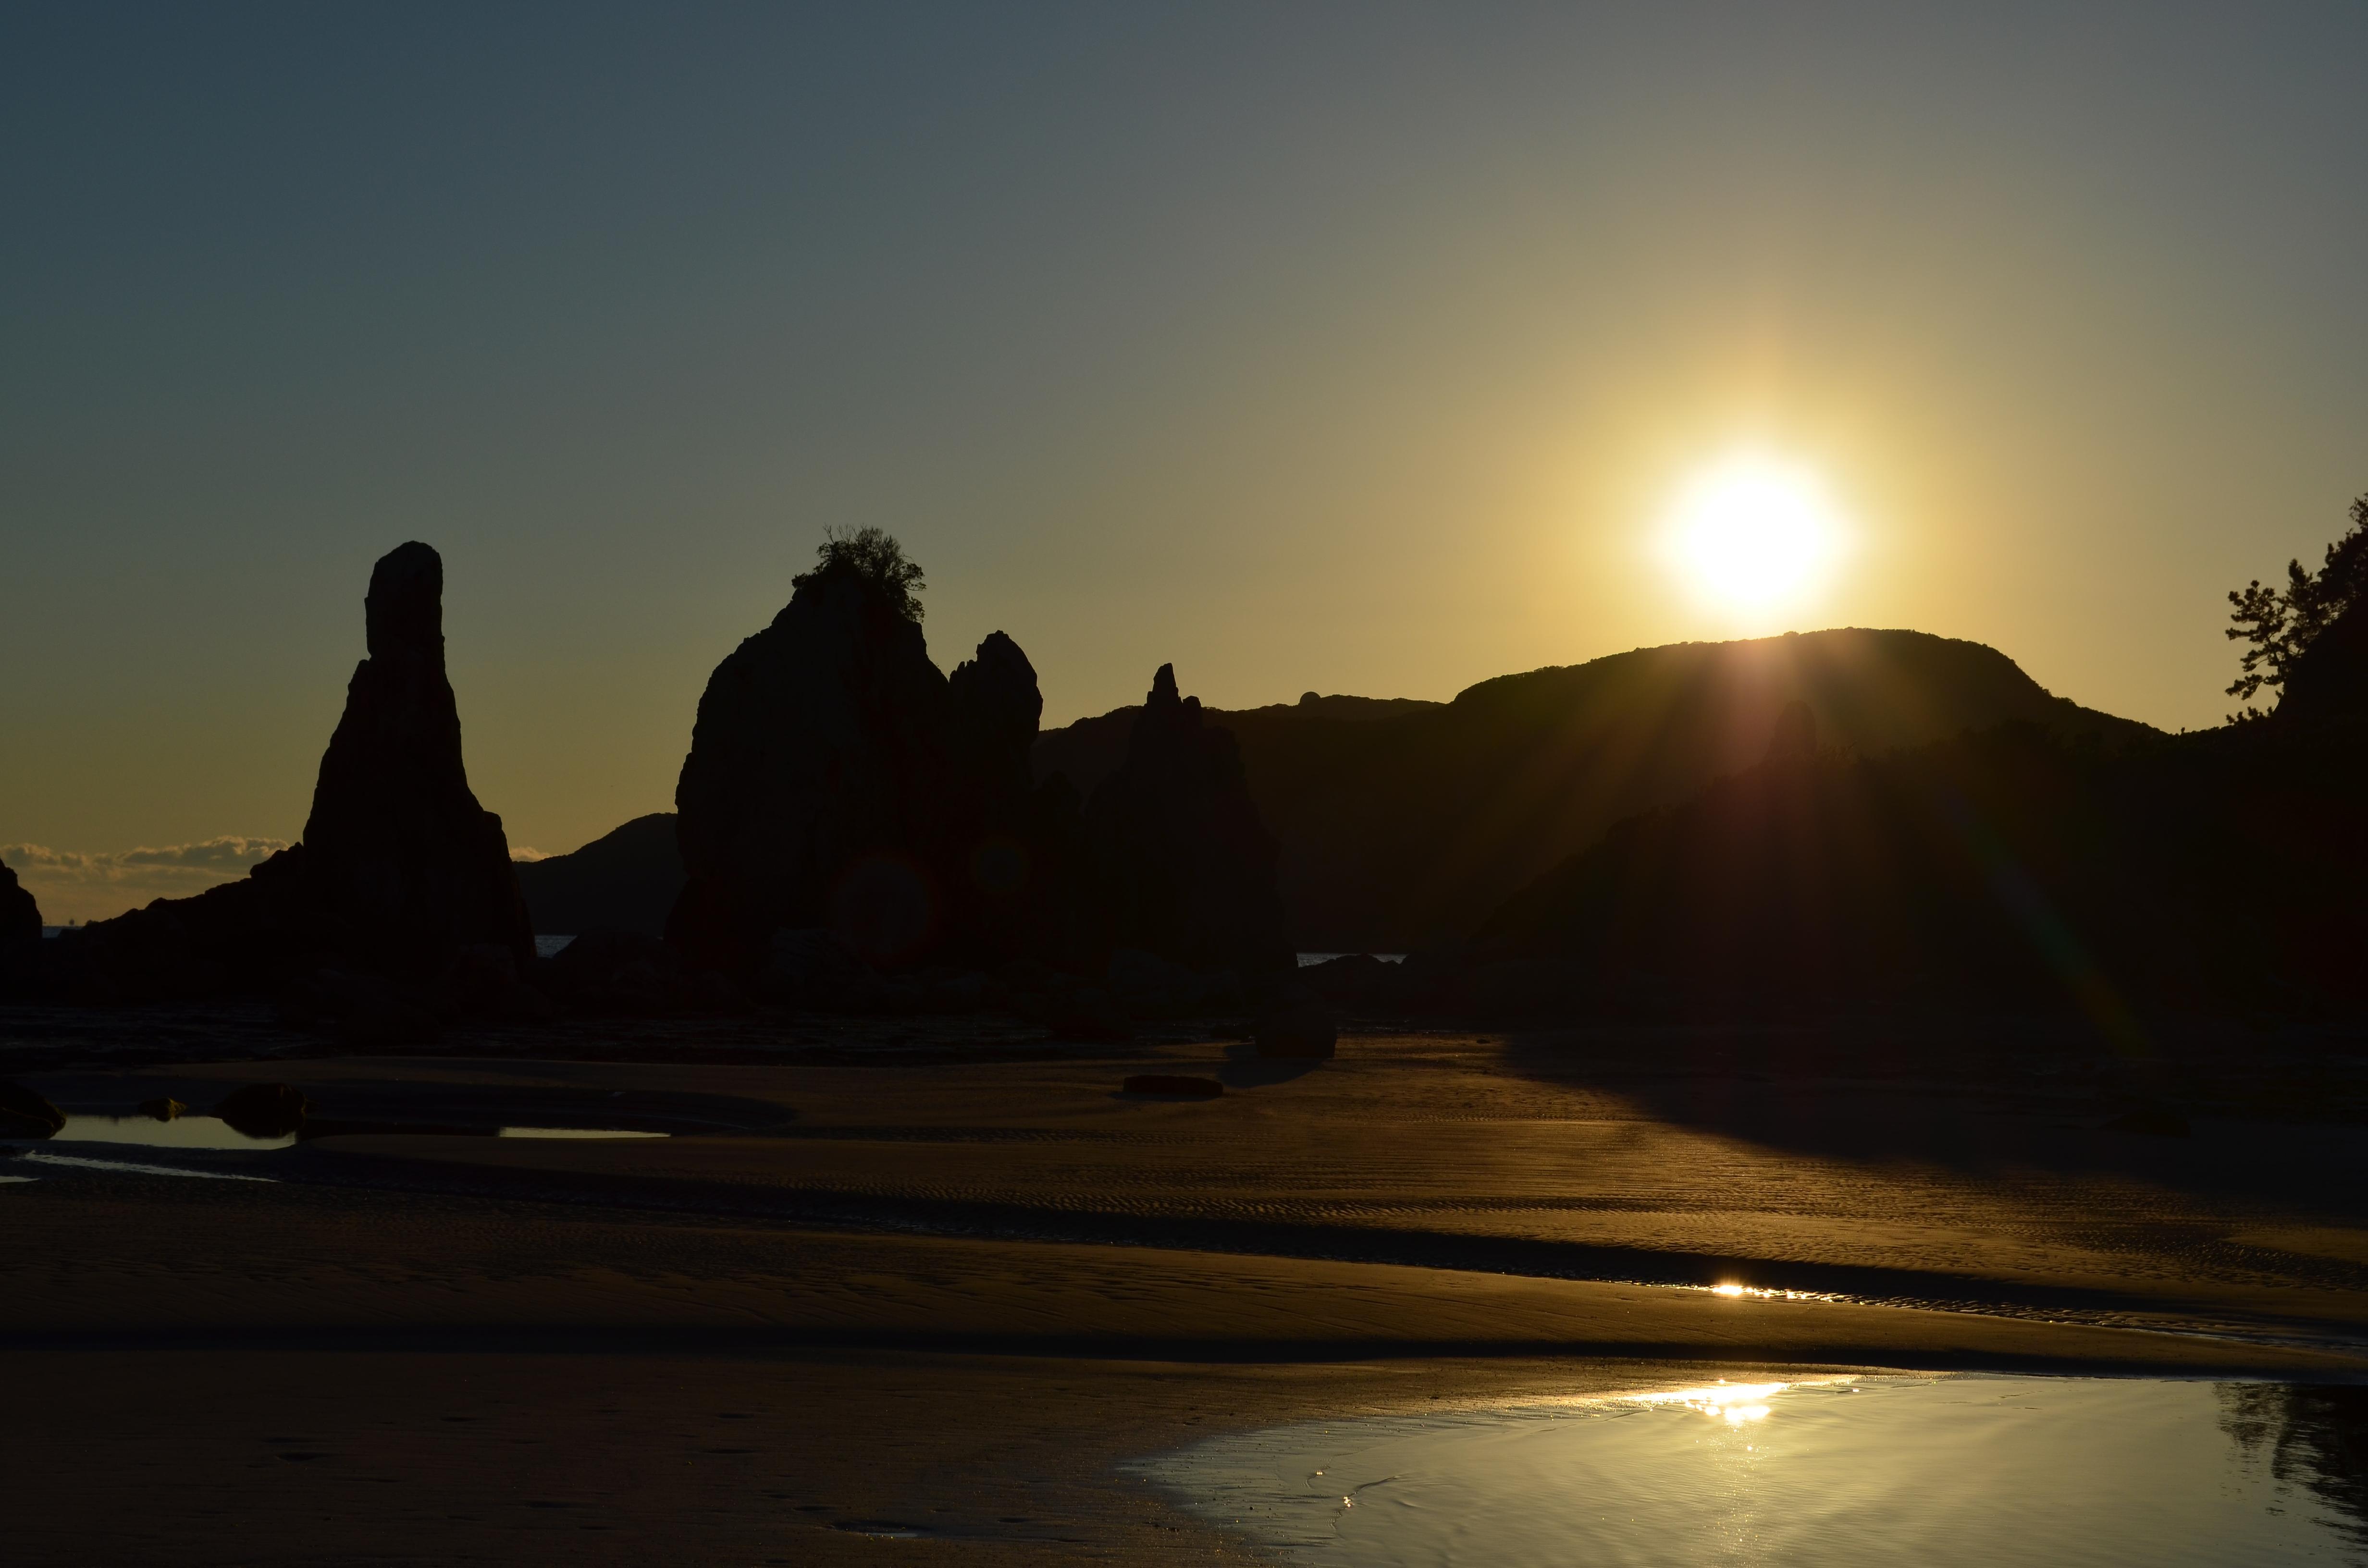 串本橋杭岩20190101-1の画像